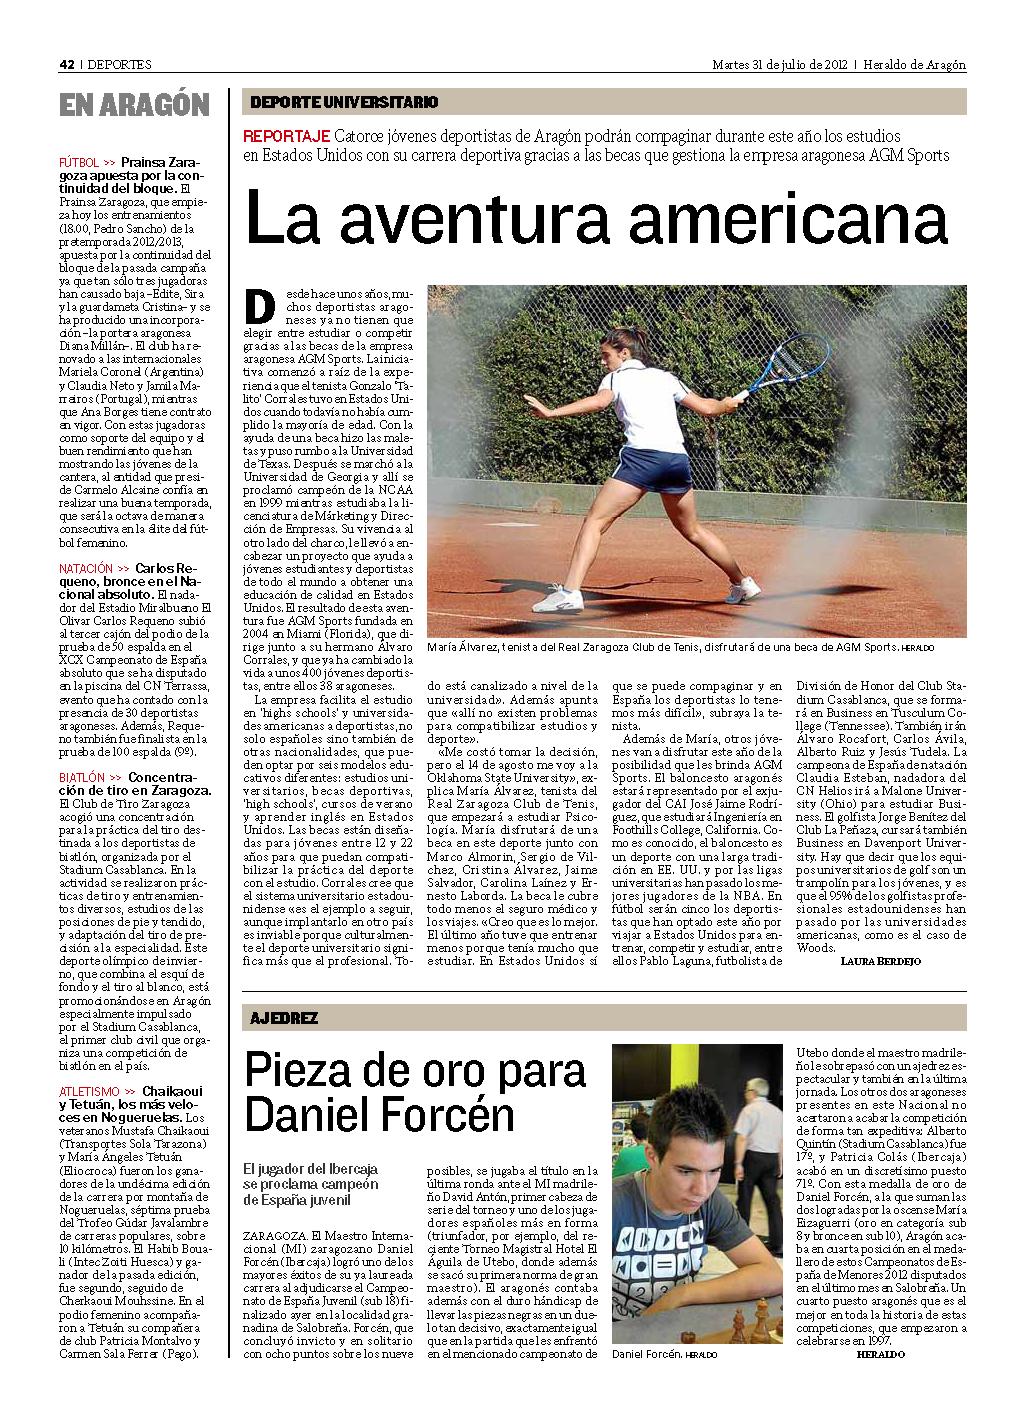 14 deportistas aragoneses empiezan la aventura americana